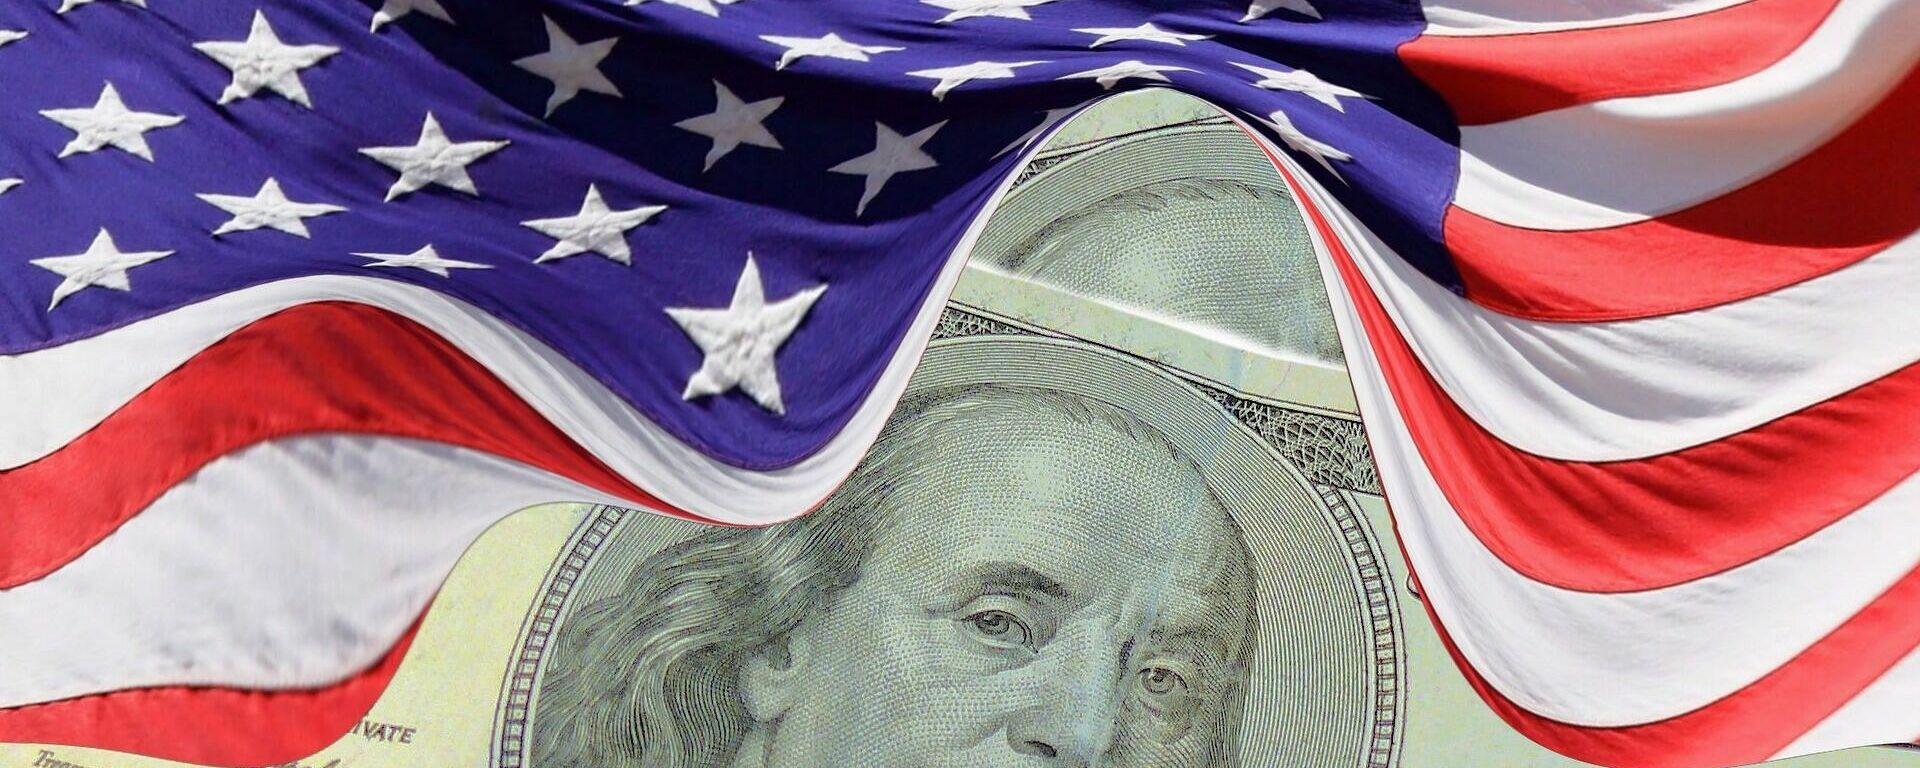 Dolar i američka zastava - Sputnik Srbija, 1920, 26.08.2021